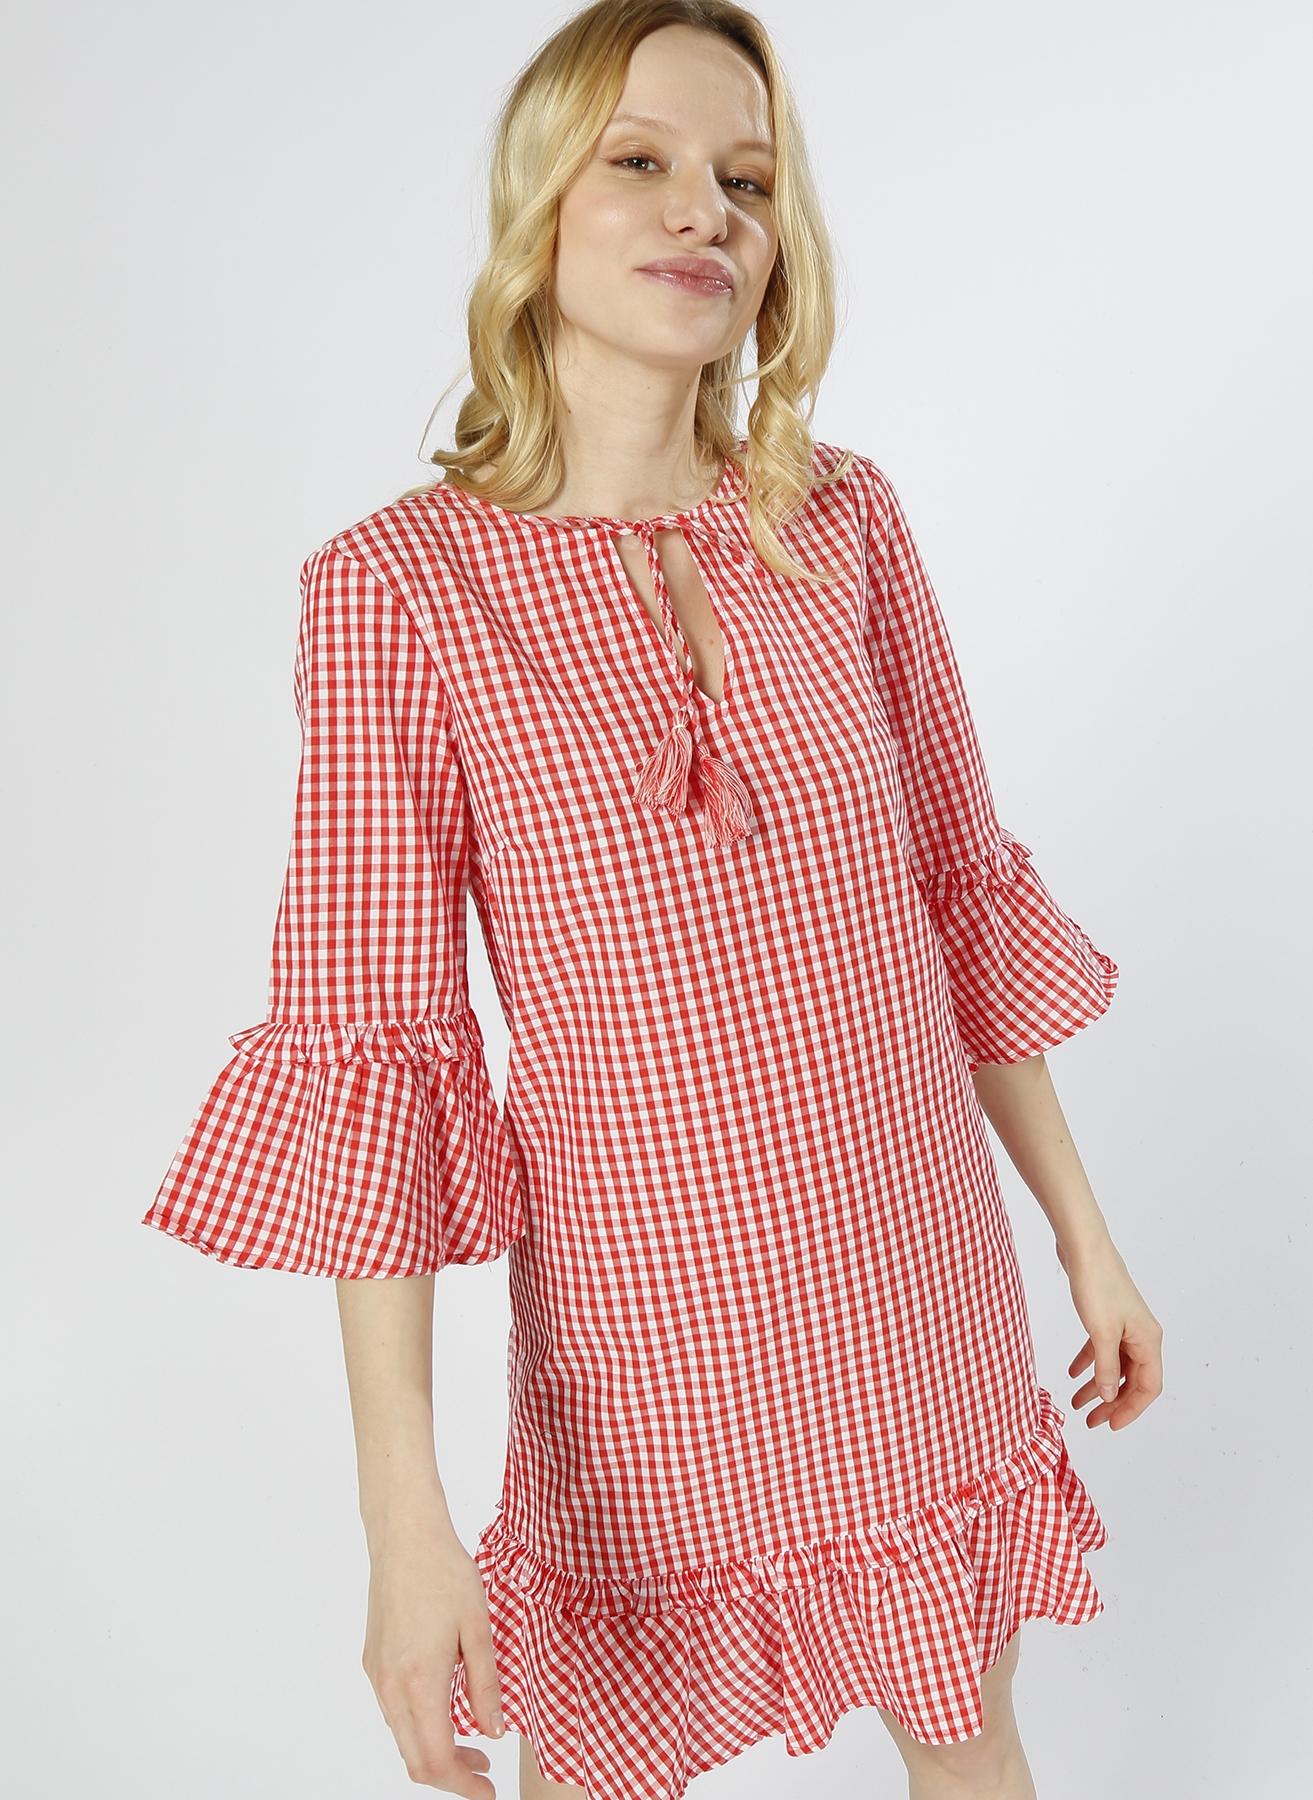 Vero Moda Kareli Kırmızı - Beyaz Elbise S 5000196109003 Ürün Resmi